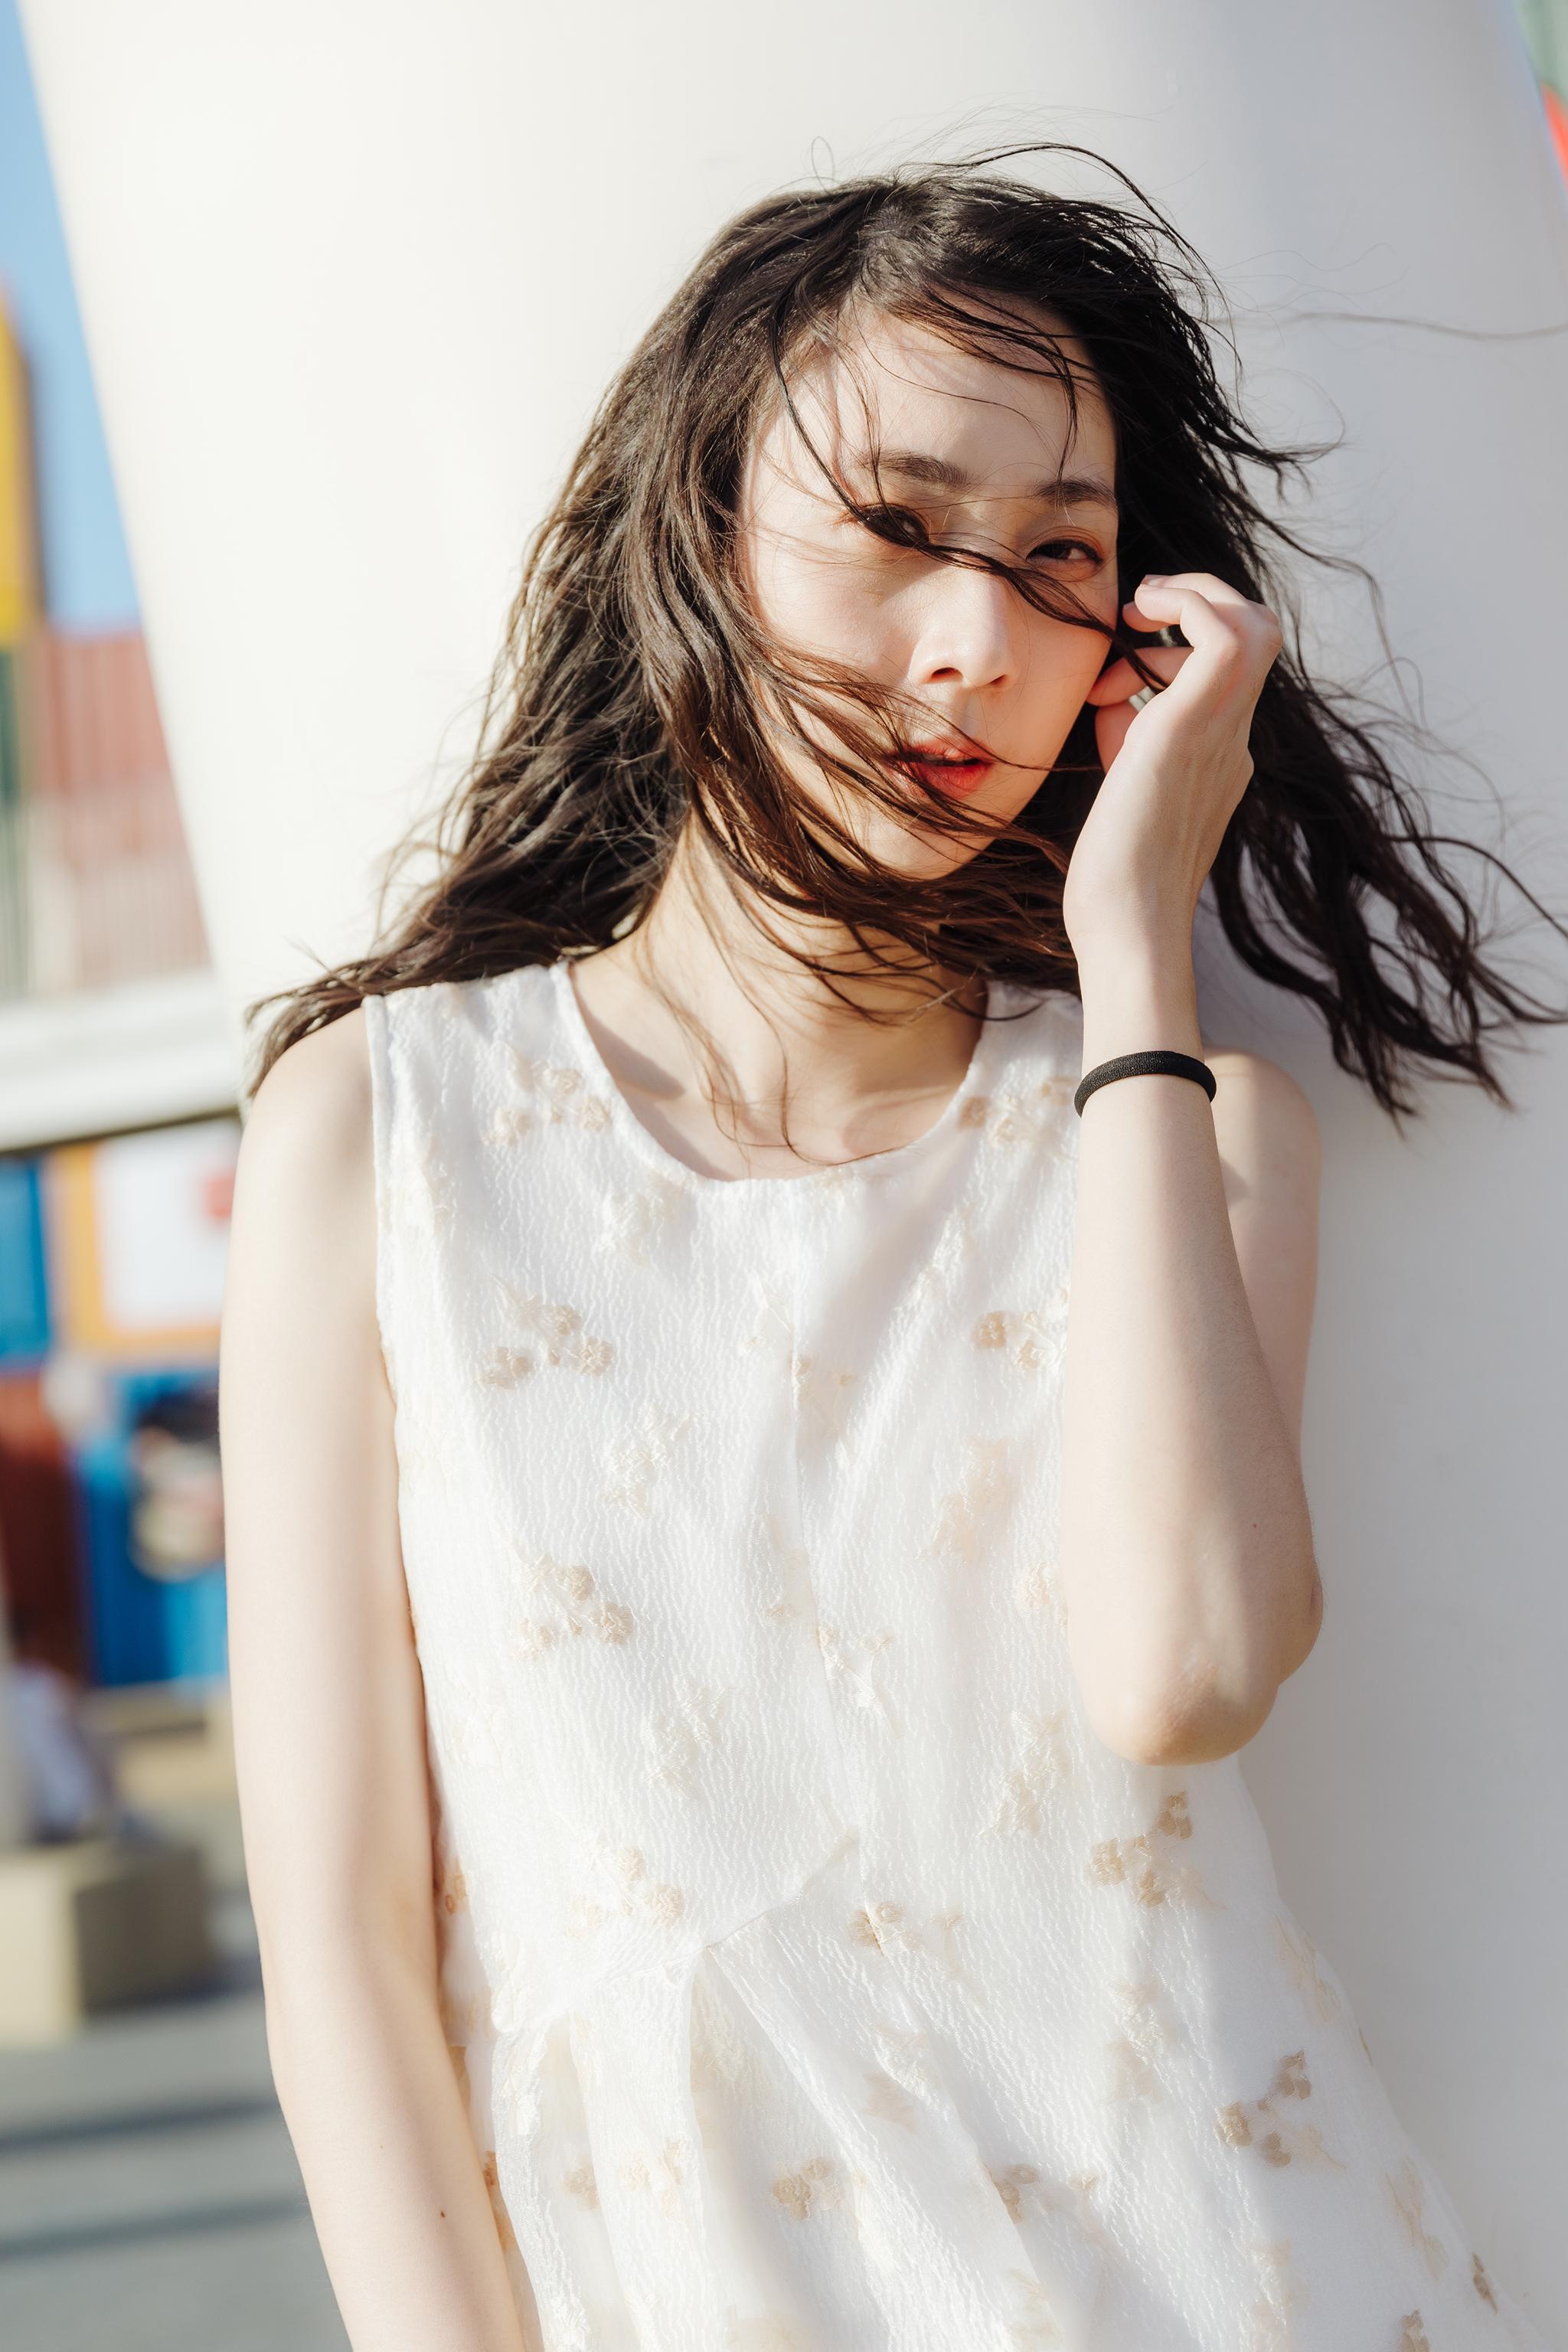 50476358982 8e1877932d o - 【寫真】+Melody+EP2